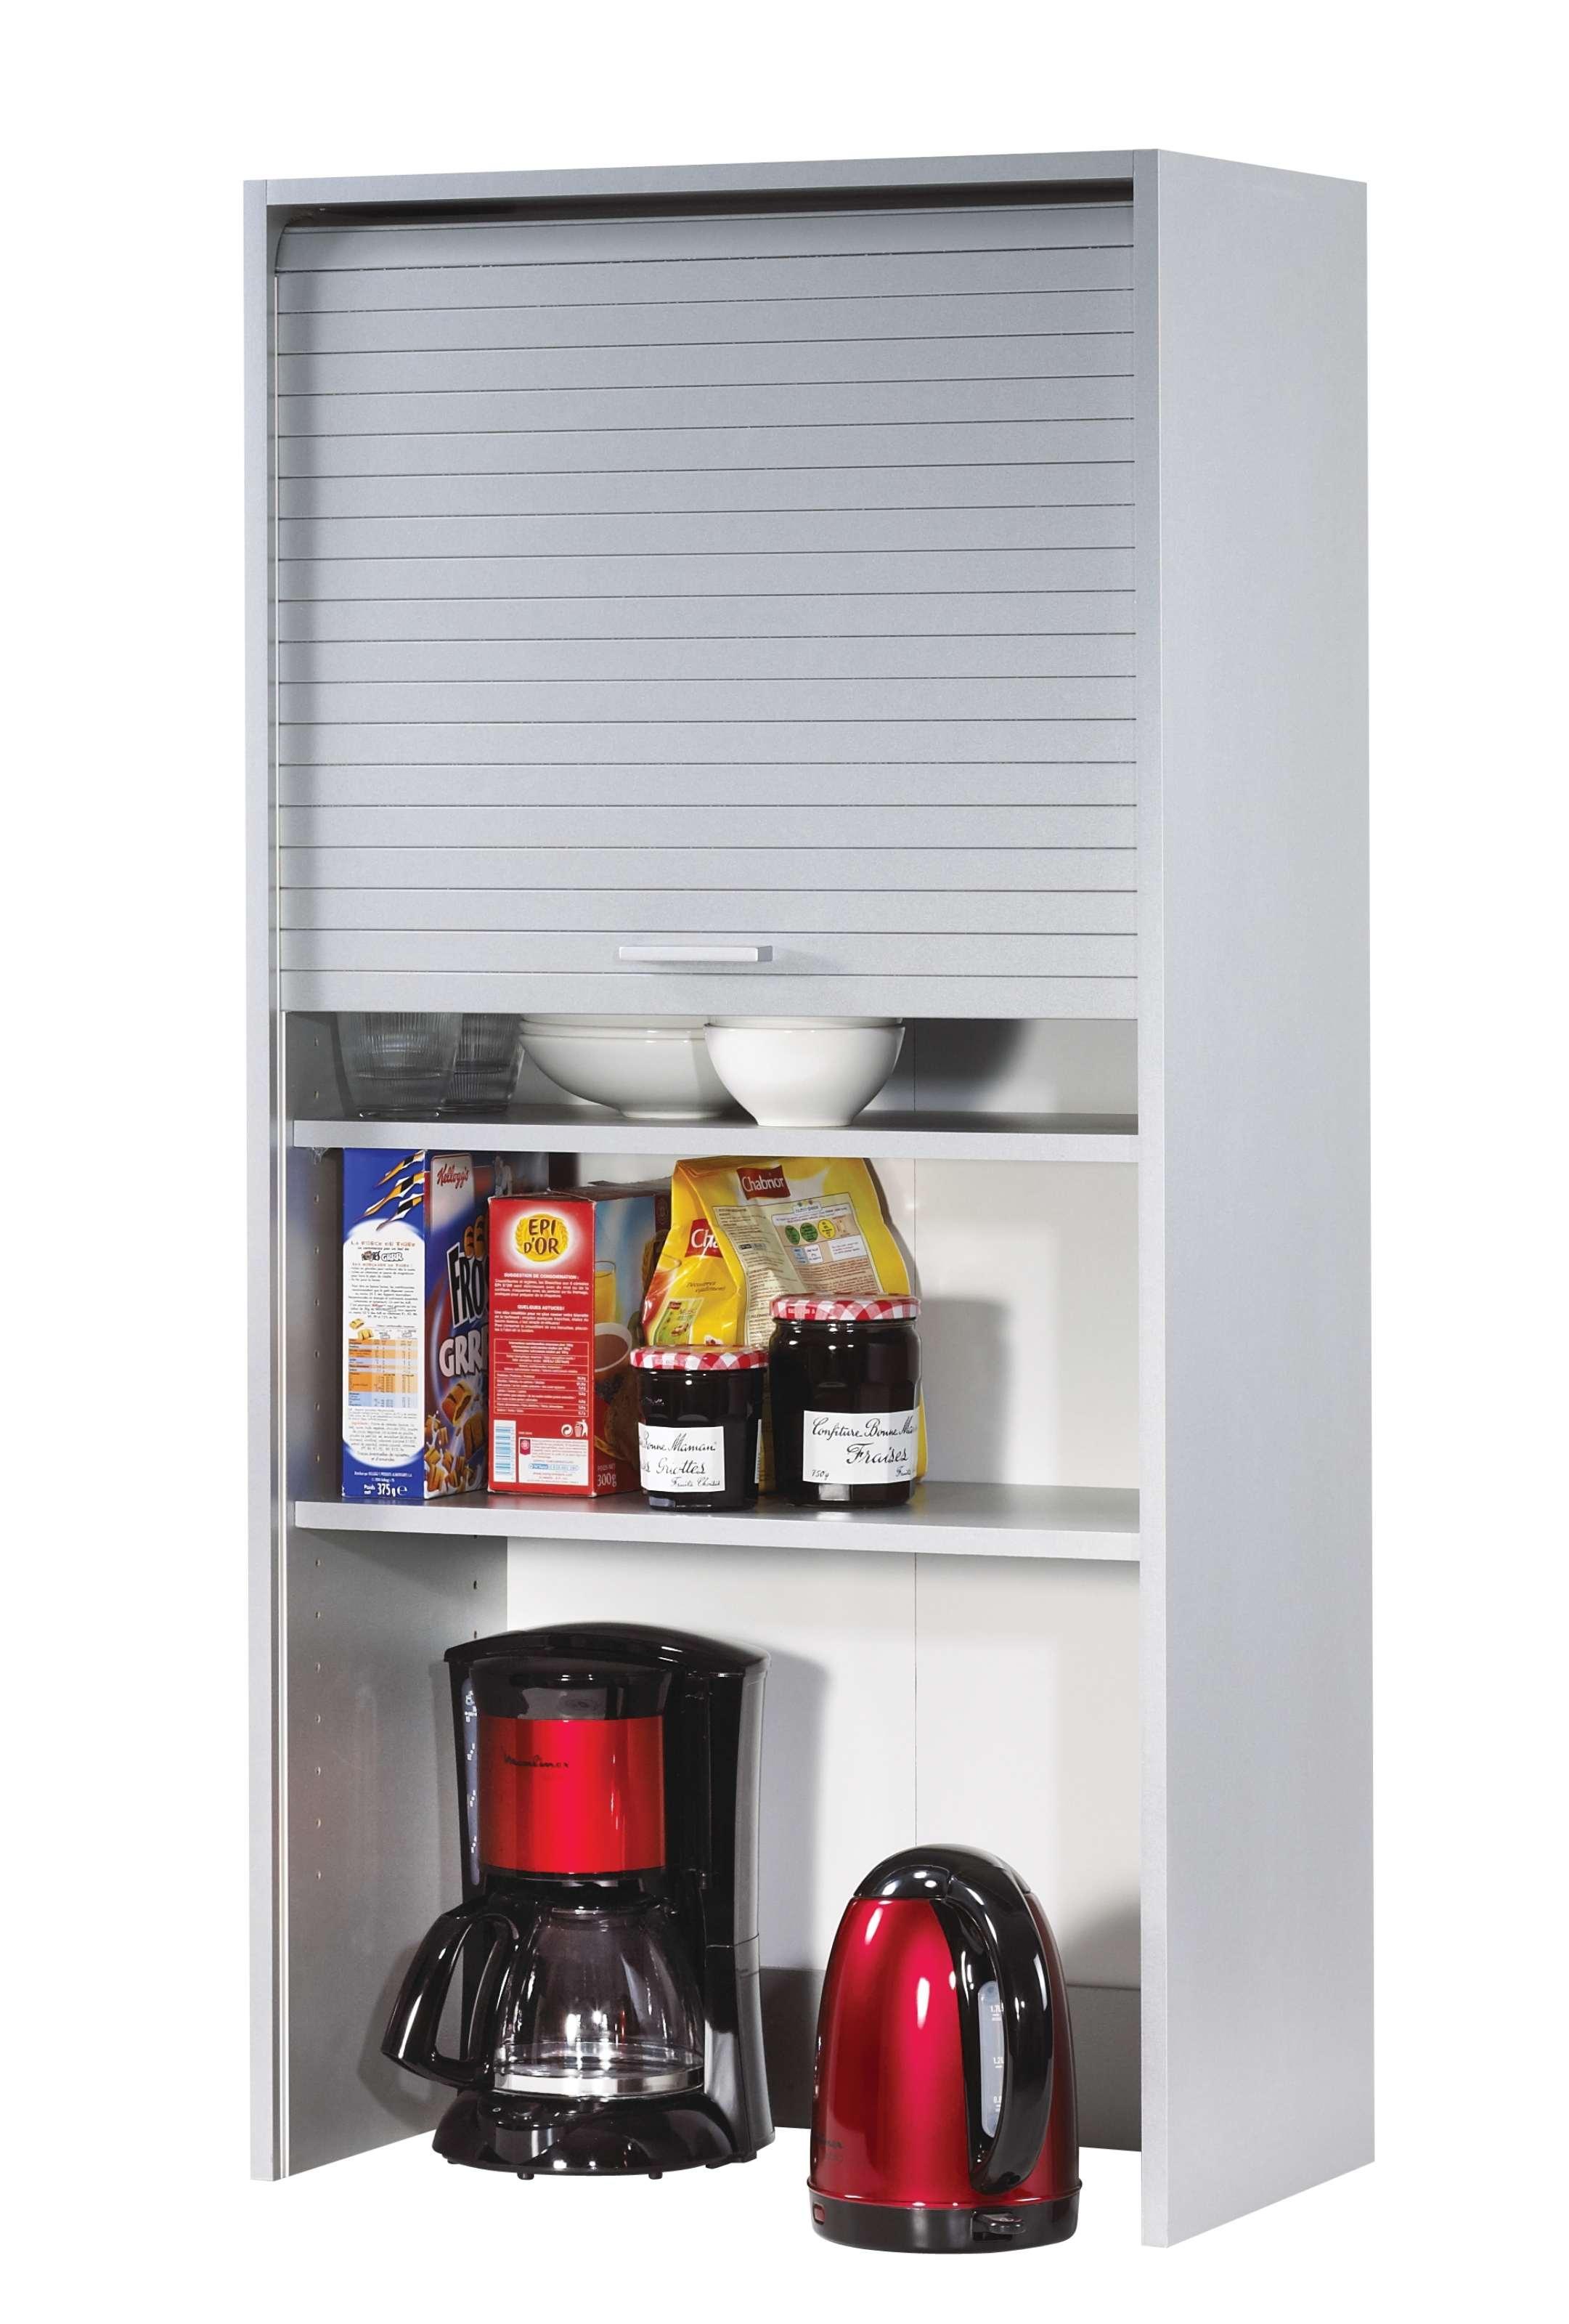 Rangement De Cuisine Aluminium Avec Rideau Déroulant Largeur Cm - Rideau roulant pour meuble de cuisine pour idees de deco de cuisine